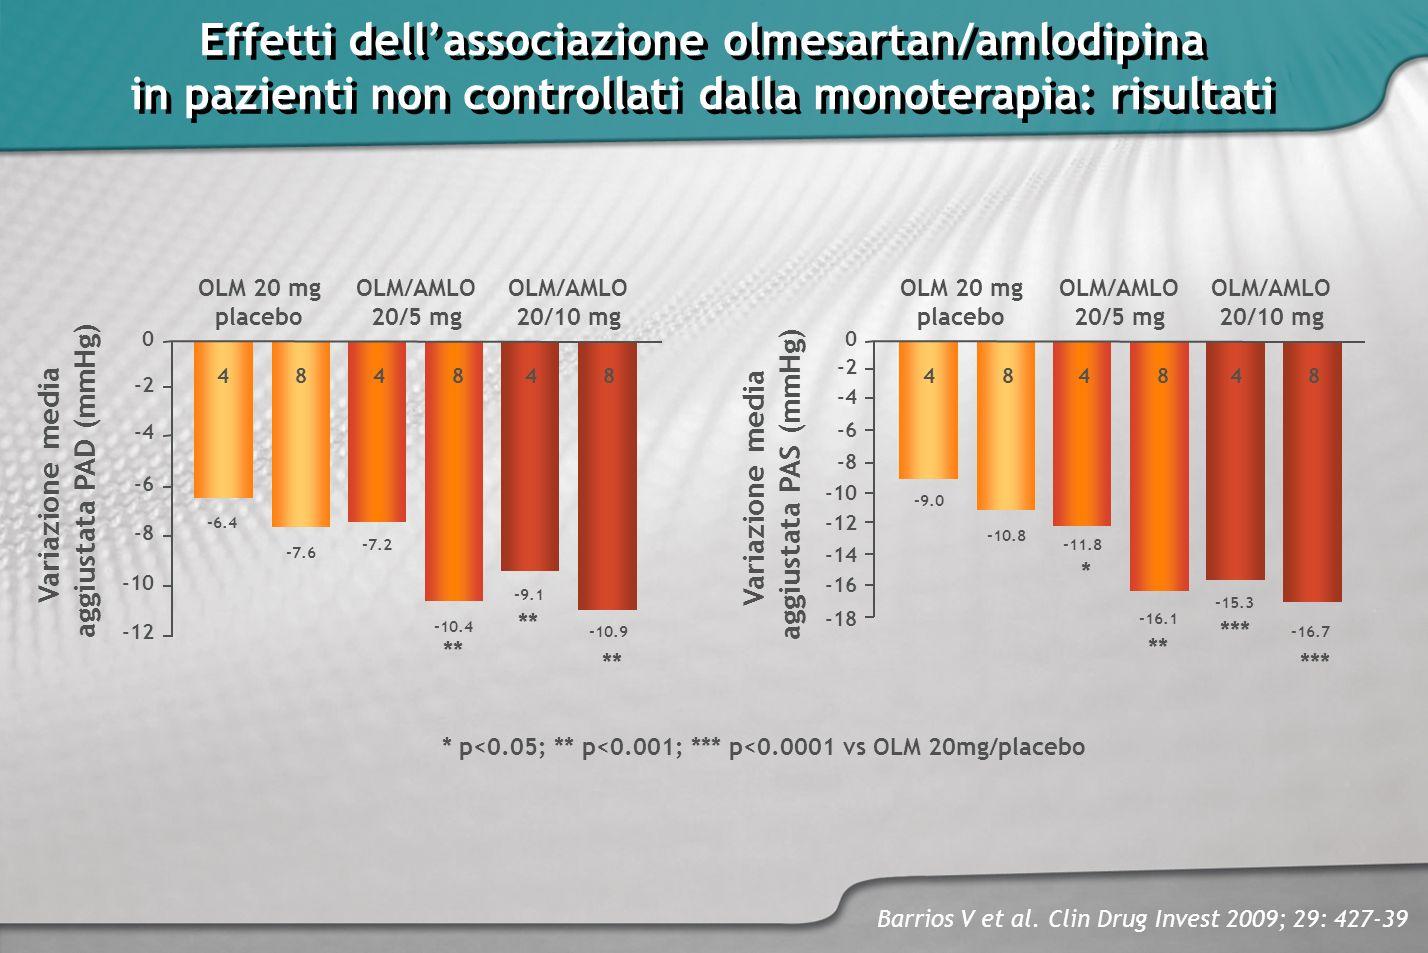 Effetti dellassociazione olmesartan/amlodipina in pazienti non controllati dalla monoterapia: risultati Effetti dellassociazione olmesartan/amlodipina